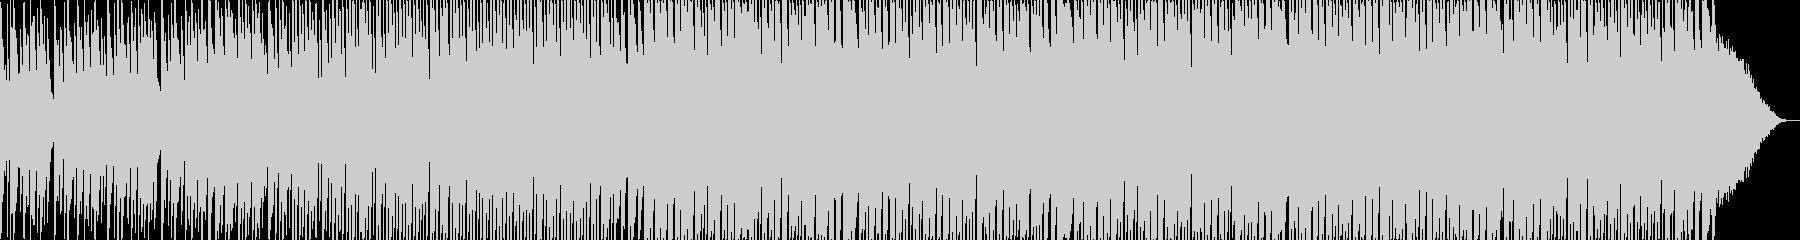 クリスマス BGM マーチング系 明るめの未再生の波形